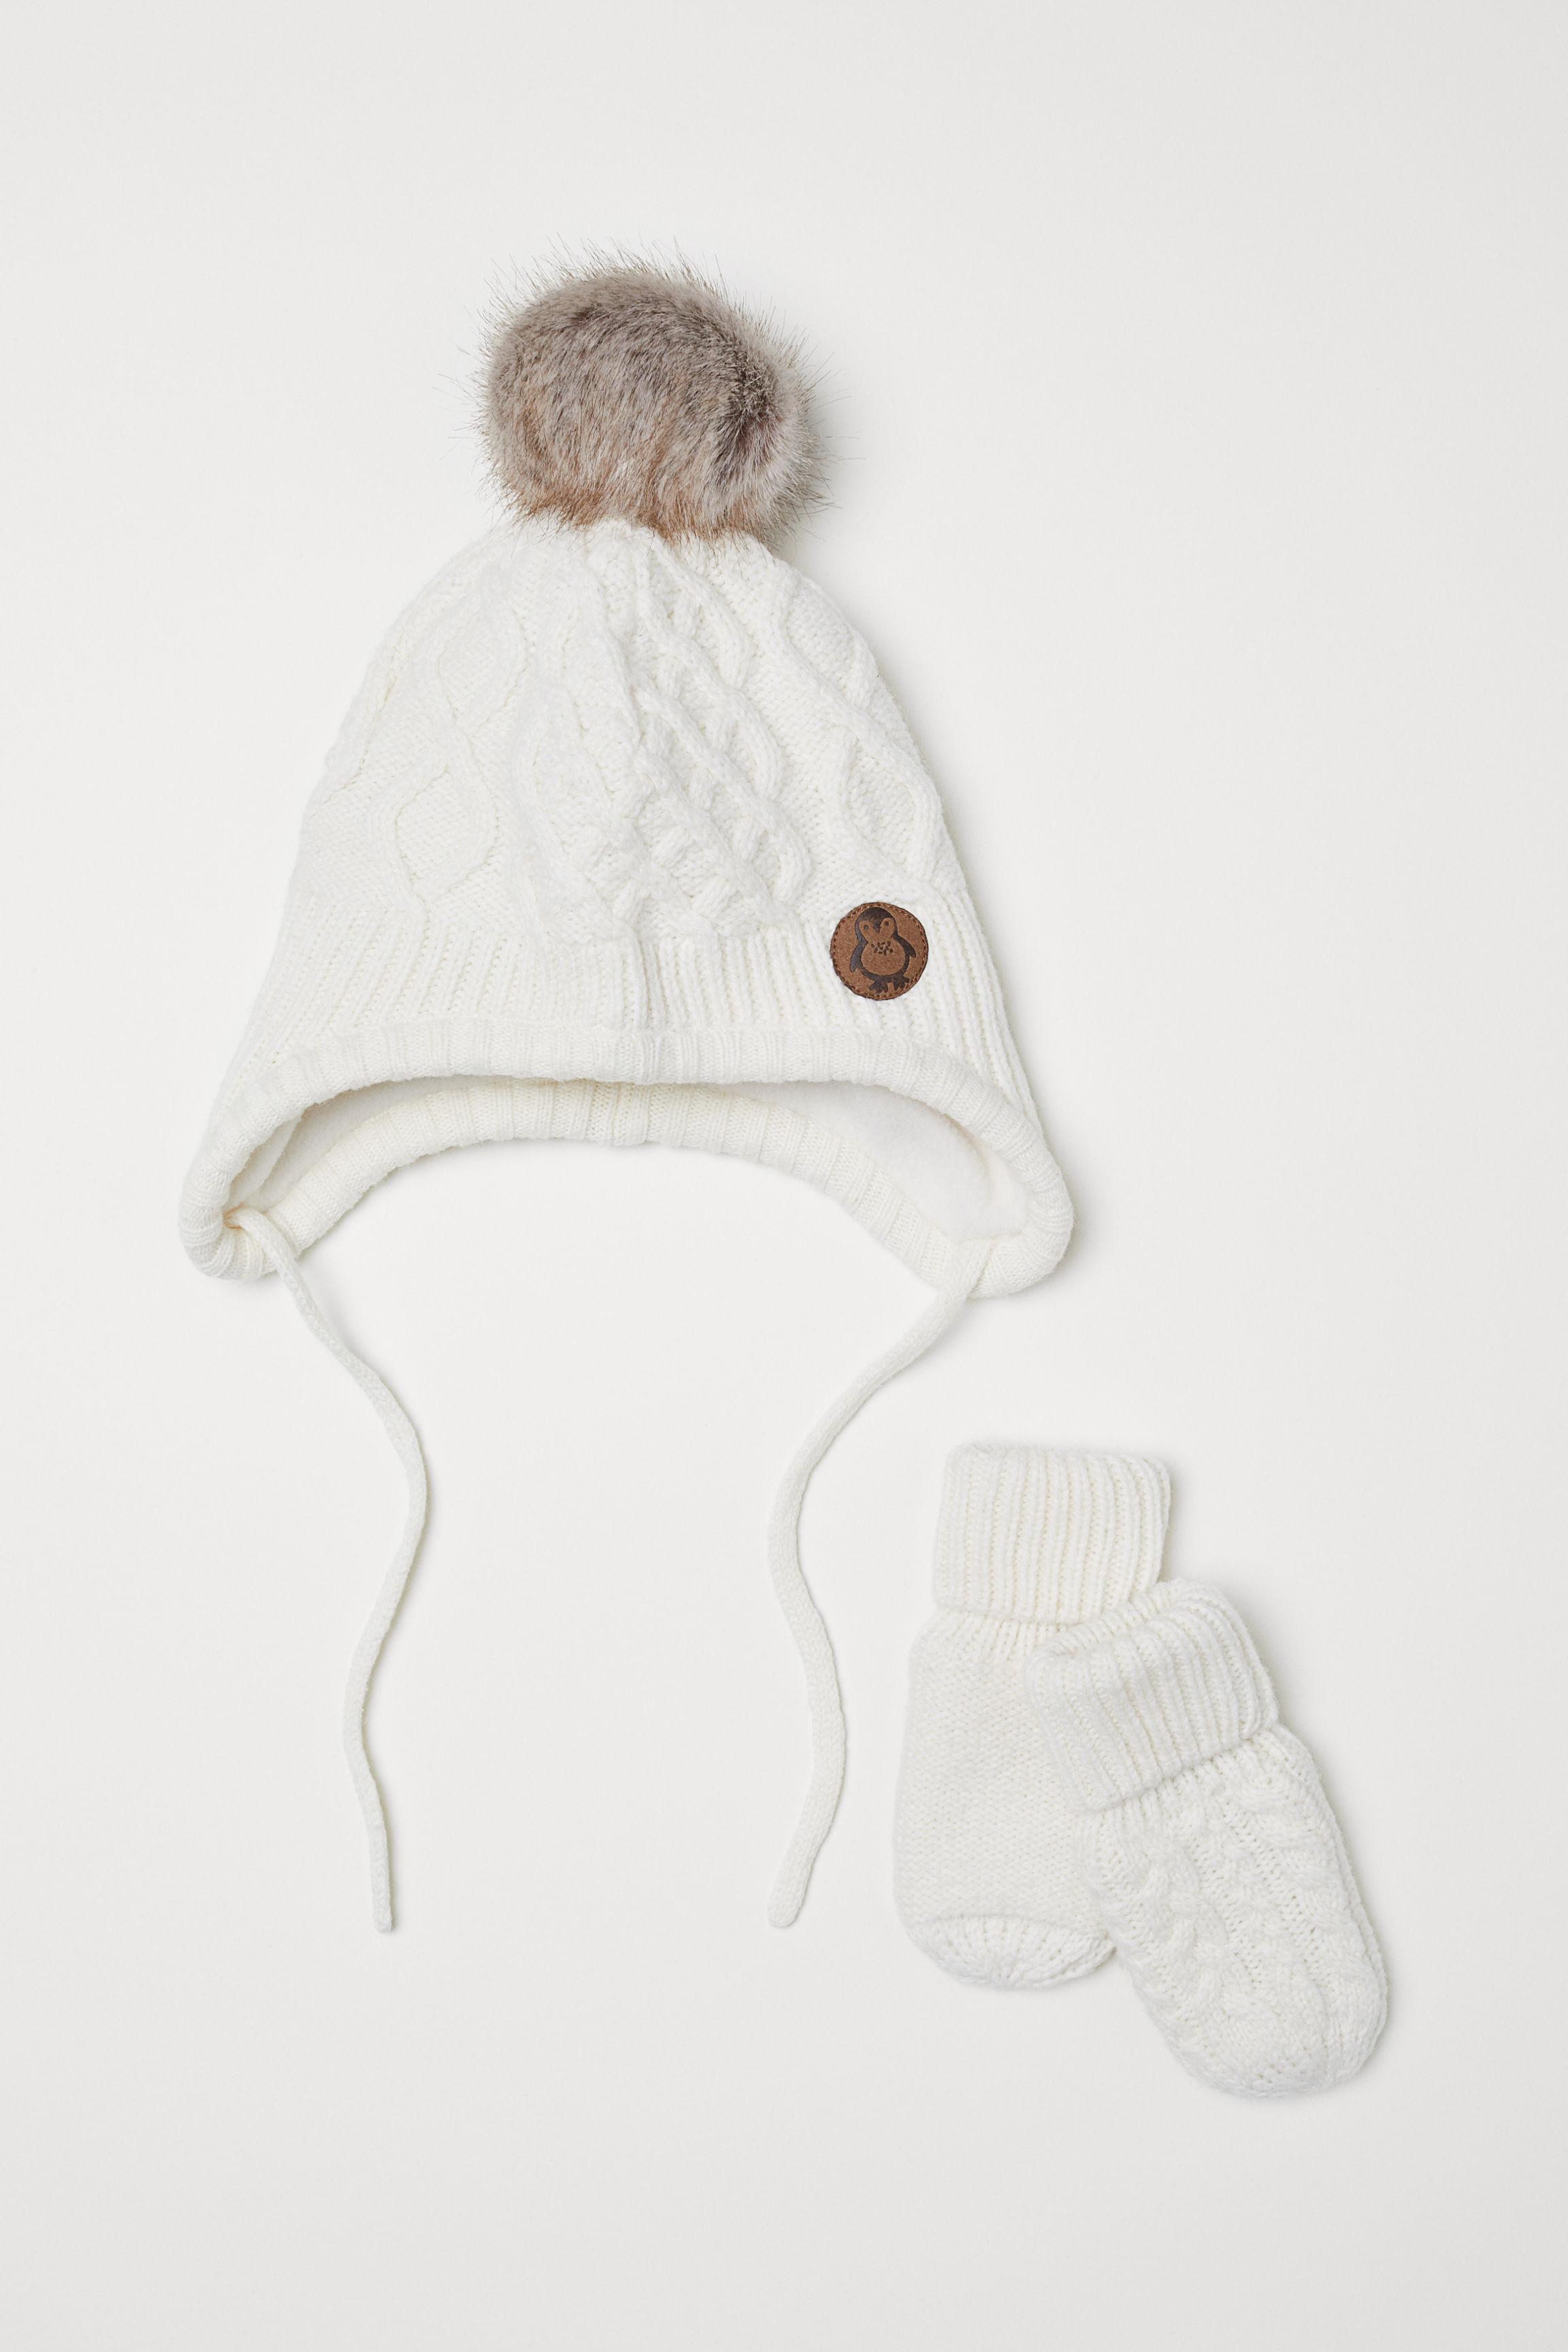 Čepice a rukavice - Přírodní bílá - DĚTI  830a70fb99